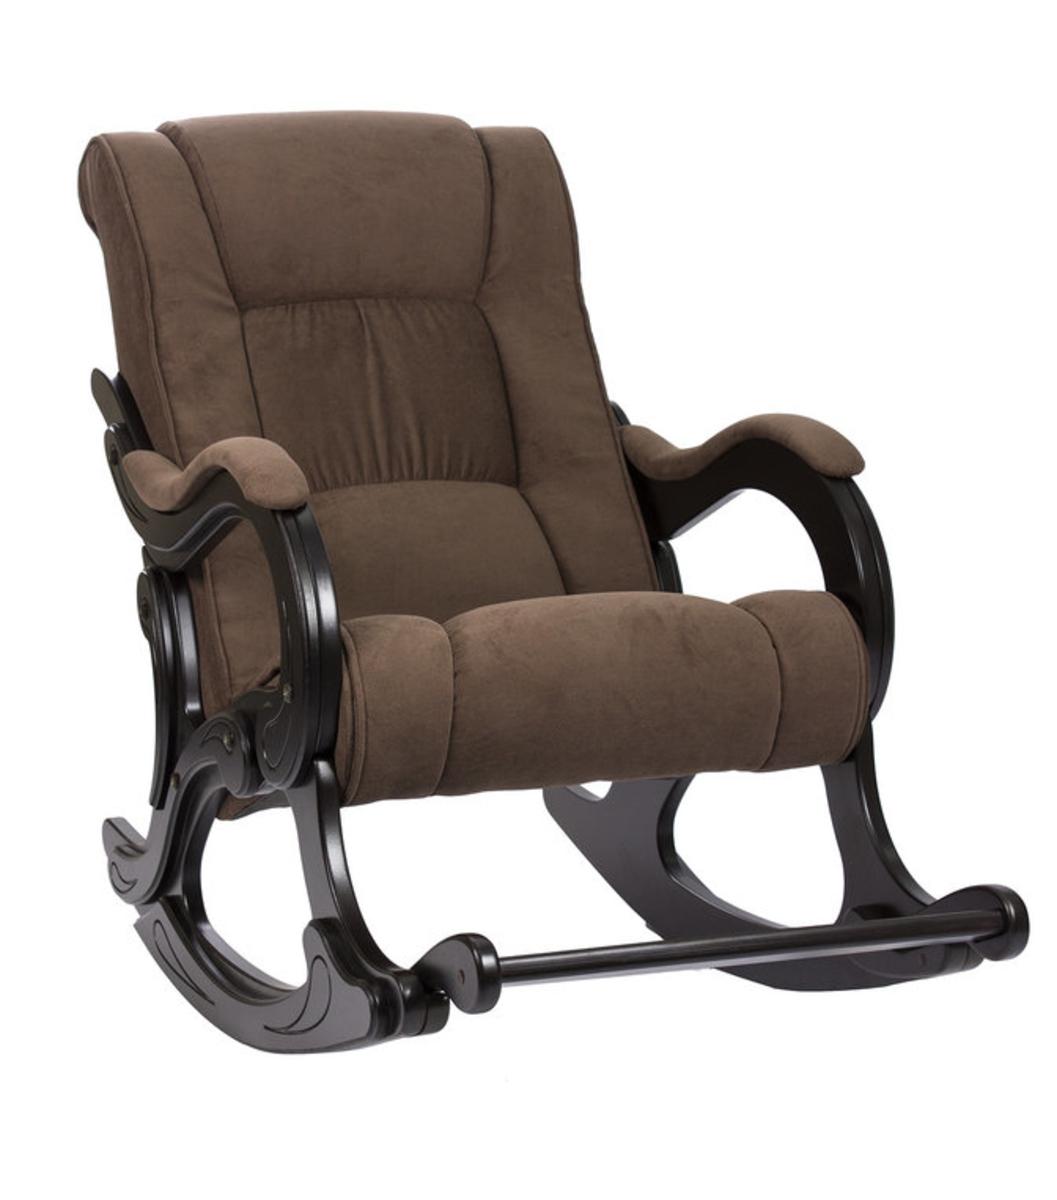 Кресло-качалка, модель 77 Кресло-качалка модель 77, (13574) фото